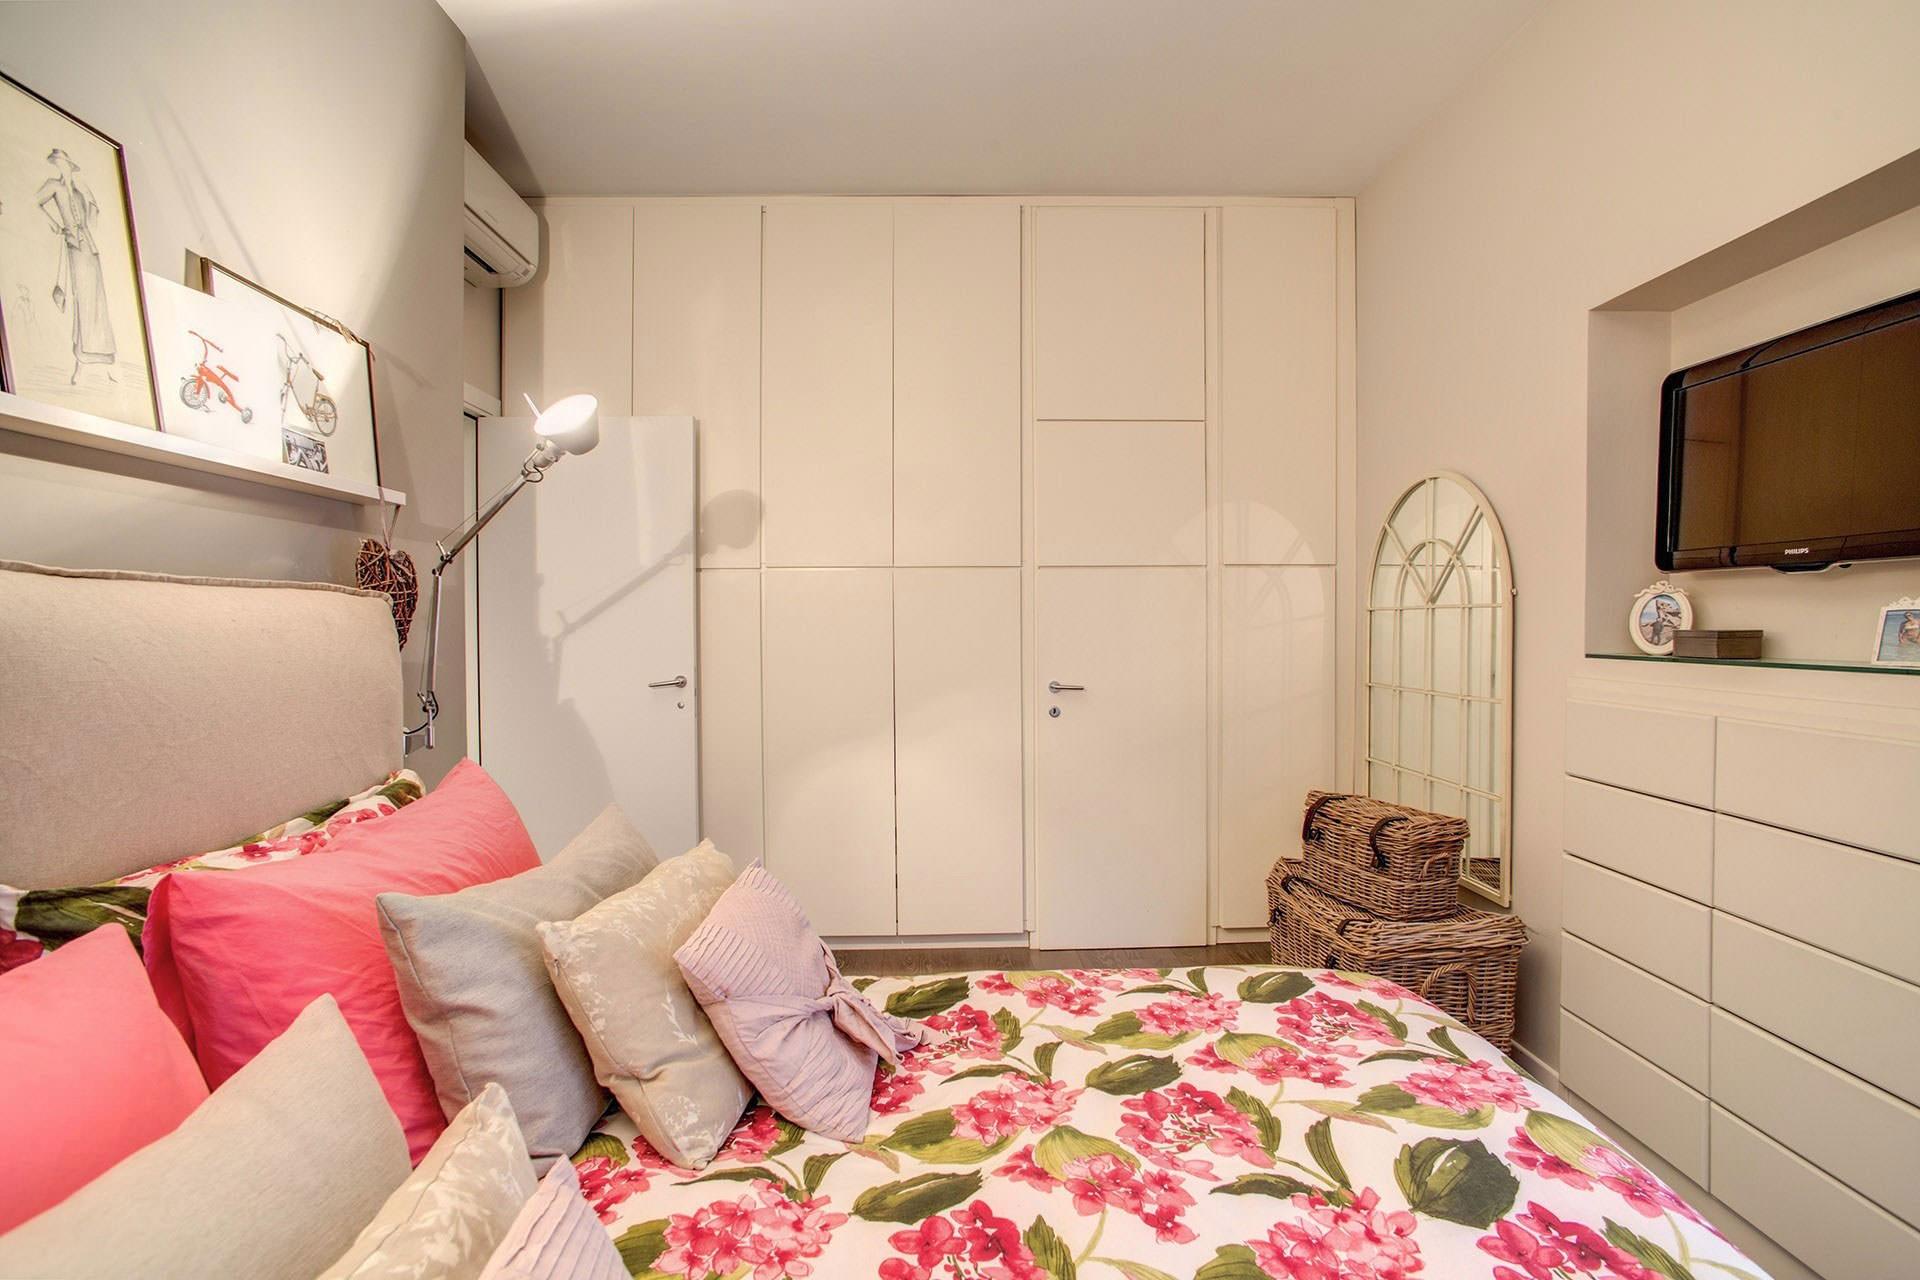 komforten-apartament-sas-sempal-dizain-v-rim-912